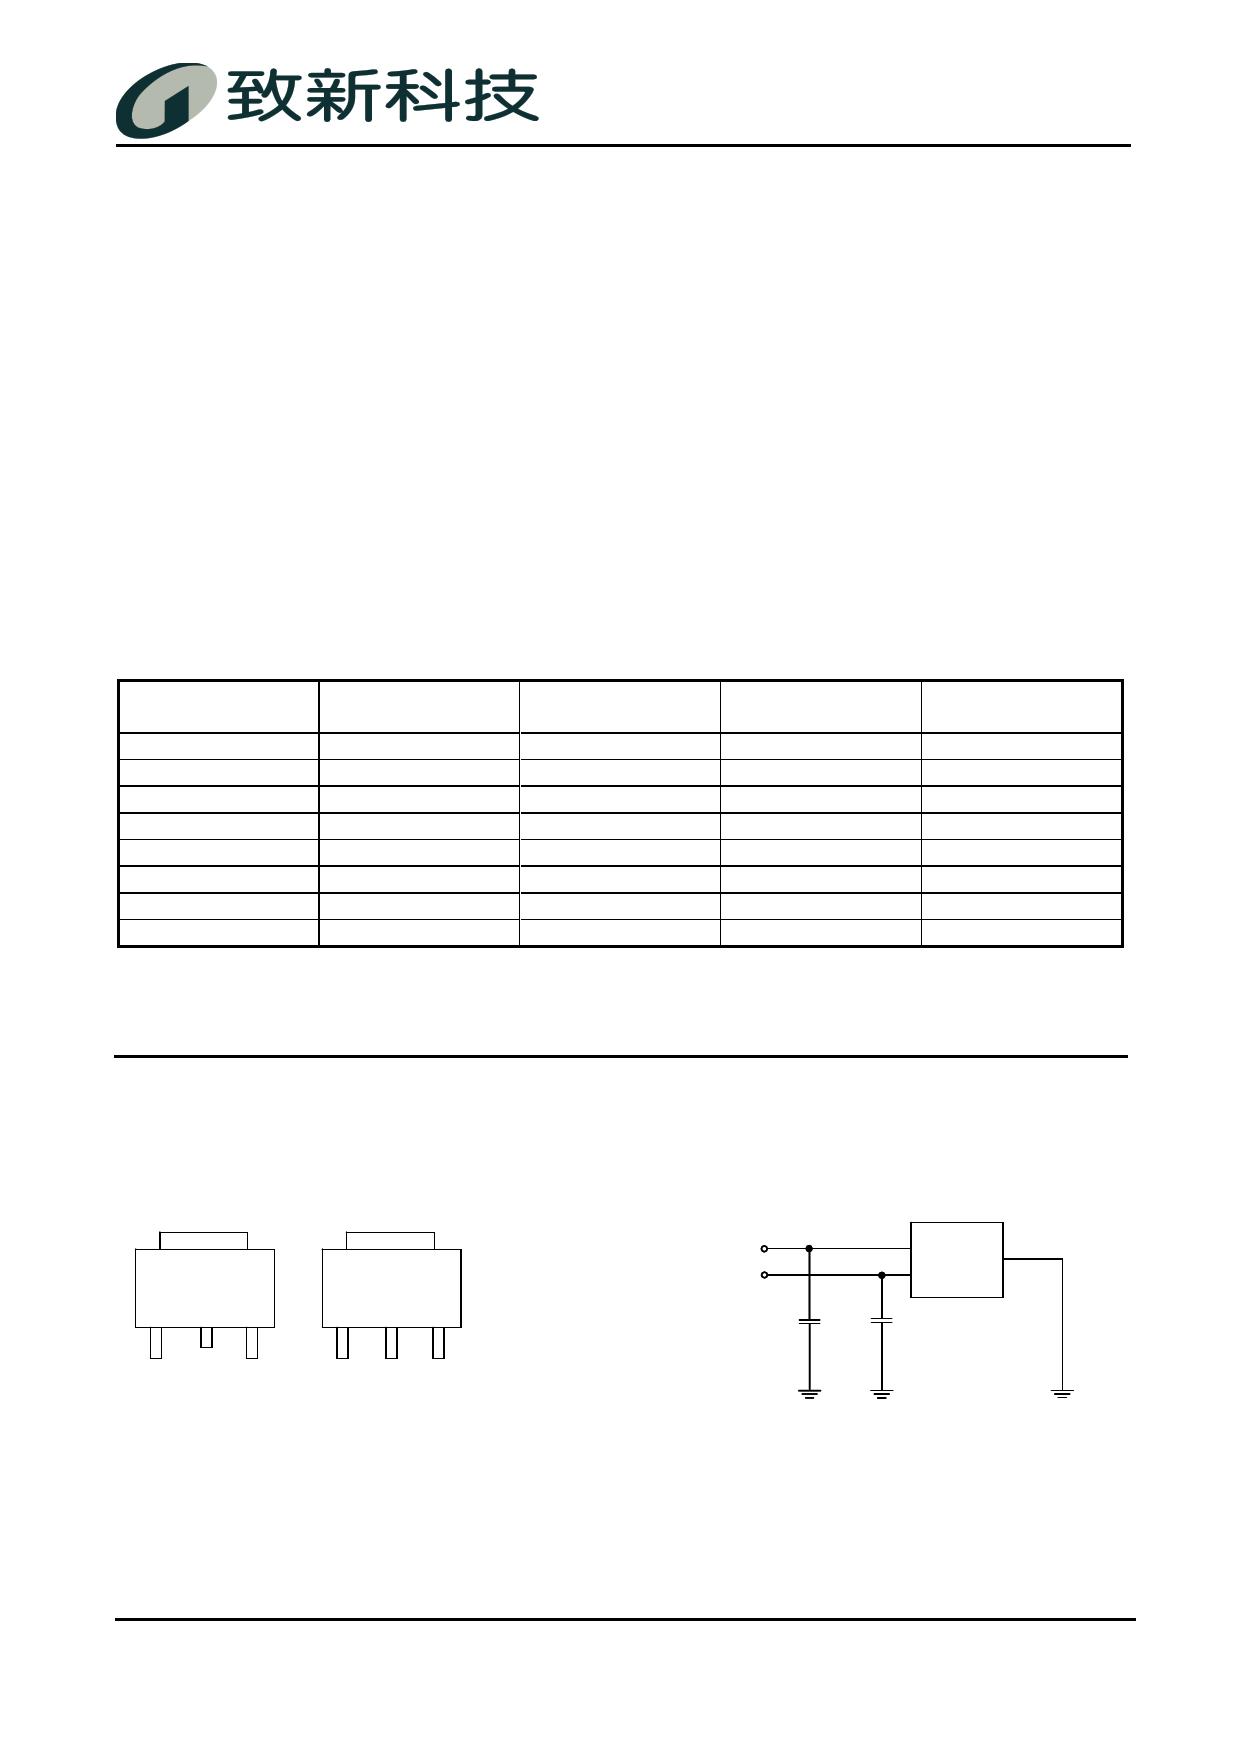 AT9915 Datasheet, AT9915 PDF,ピン配置, 機能